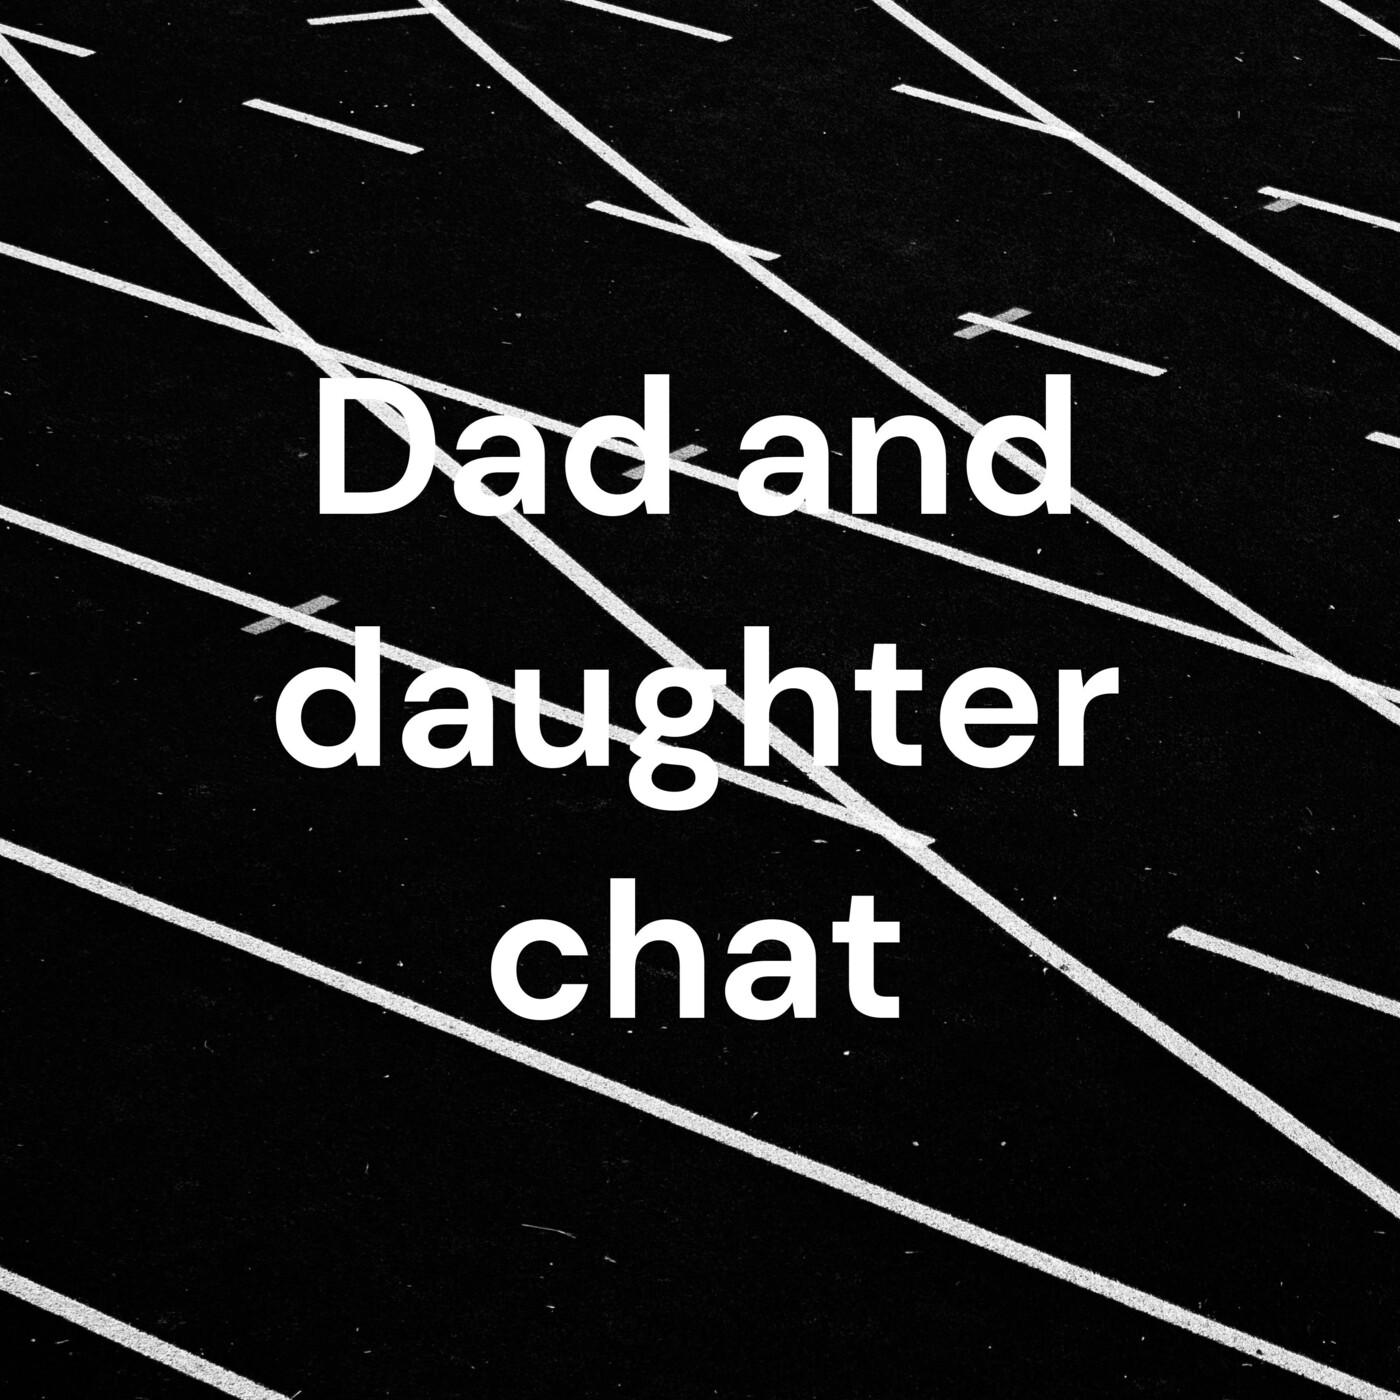 About Francesca's cats